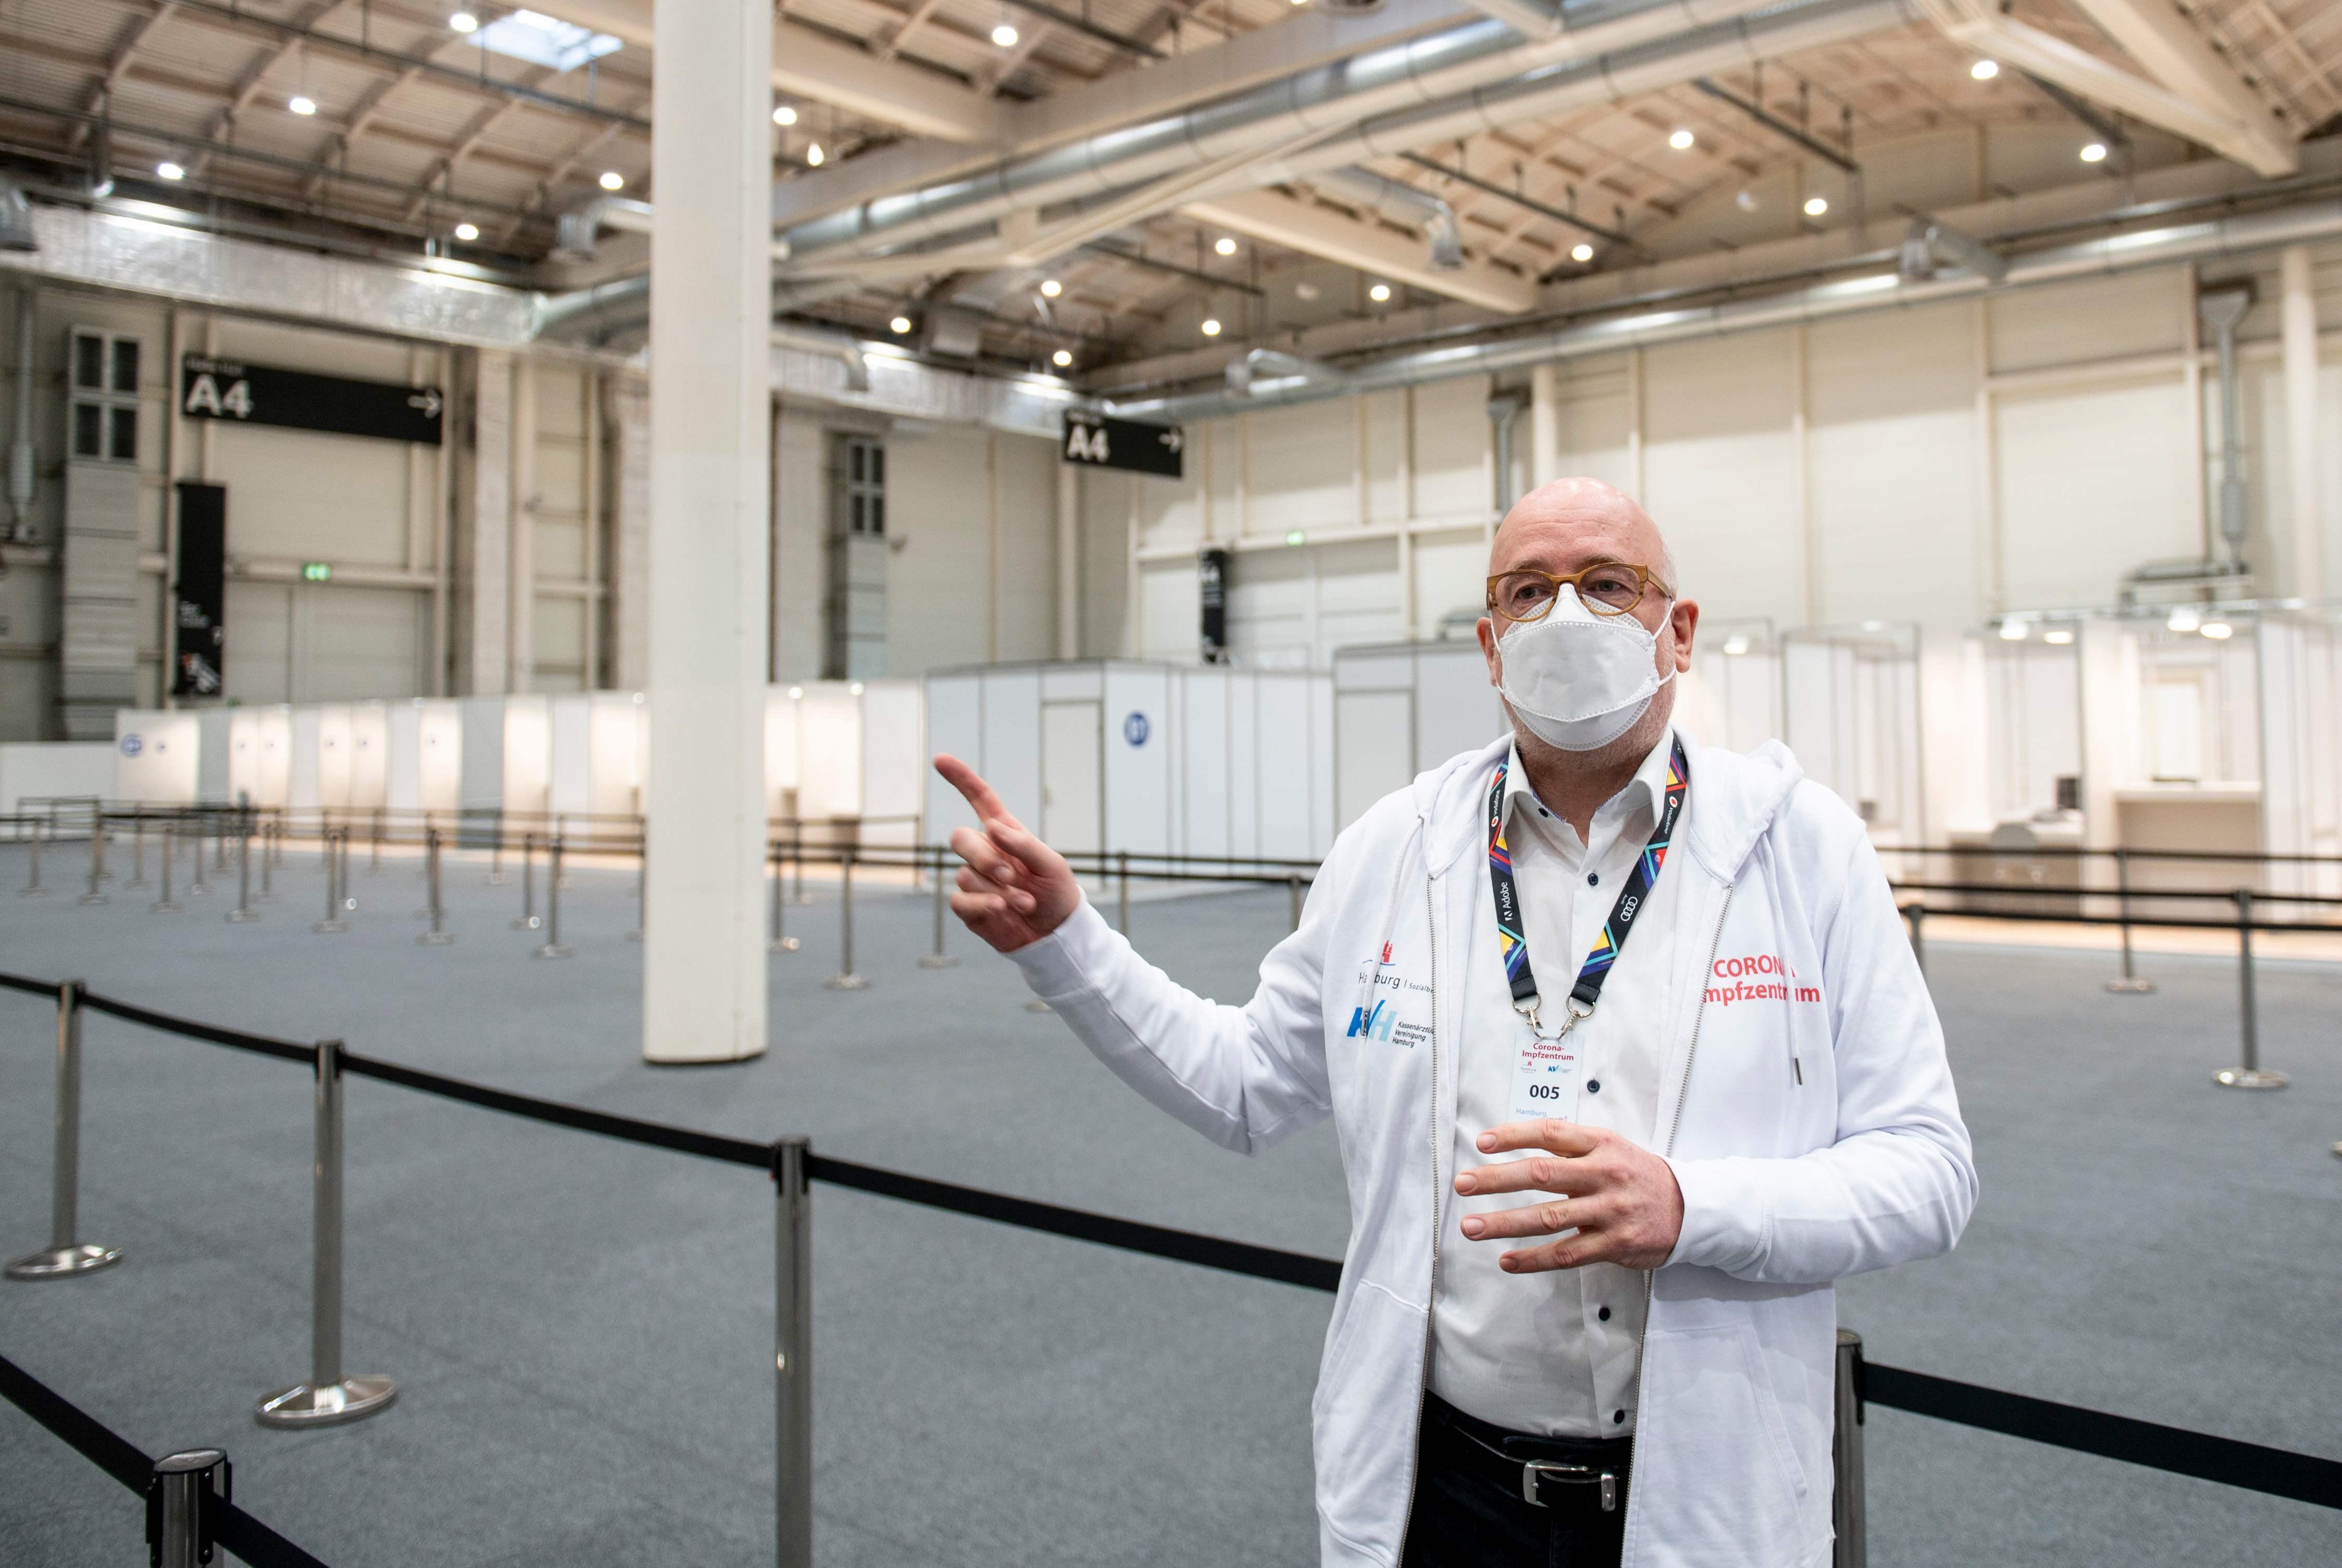 Zorgen over uitblijven vaccinatieplannen. Hoe gaat GGD Zaanstreek-Waterland dit opzetten? 'Als we het net als in Duitsland doen, duurt het drie jaar voordat iedereen aan de beurt is geweest'